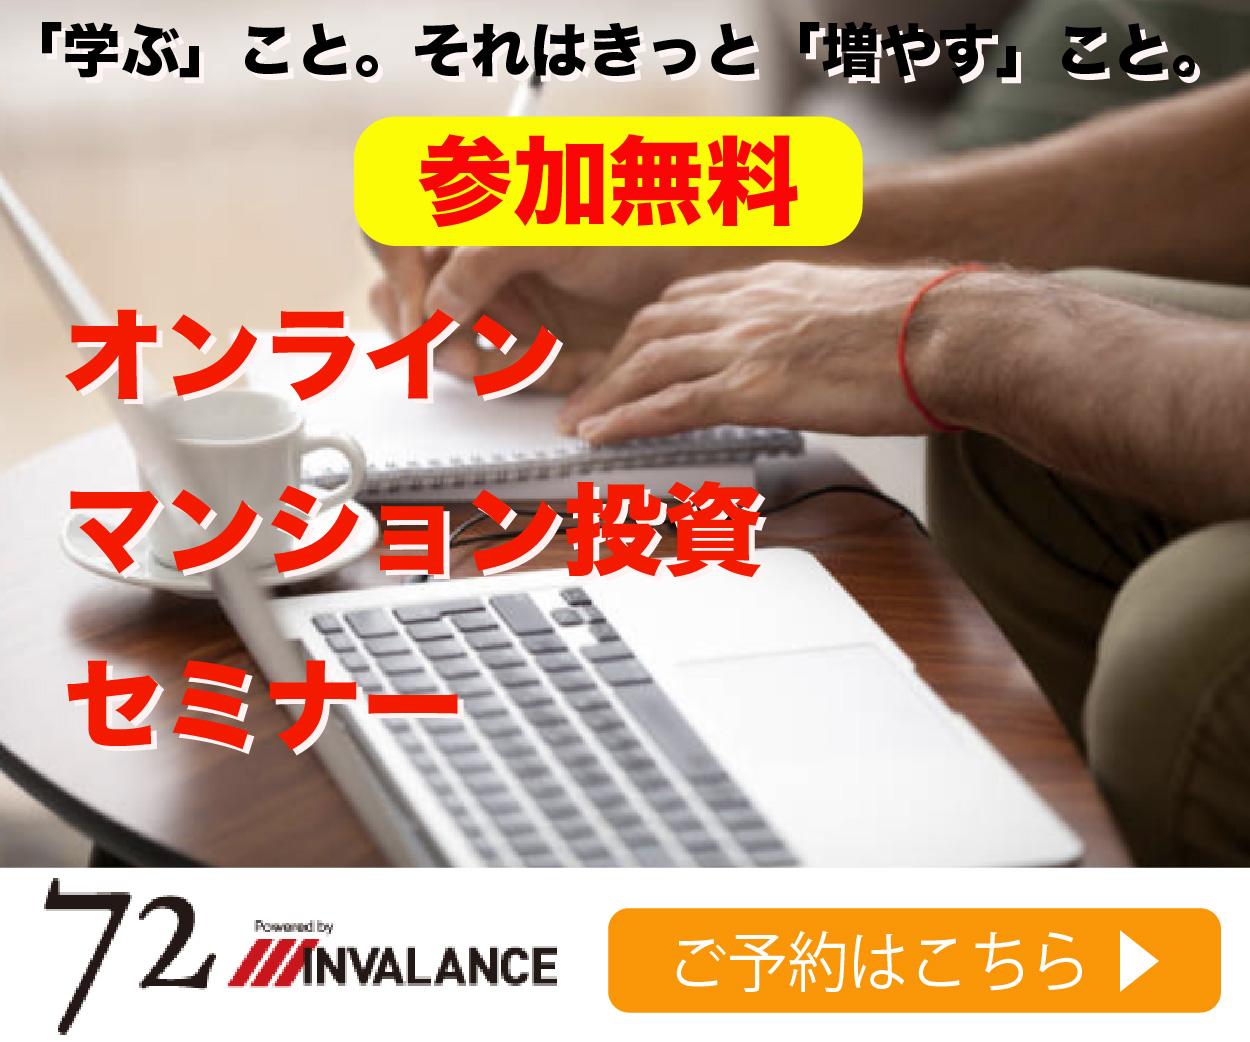 インヴァランス【投資セミナー参加】